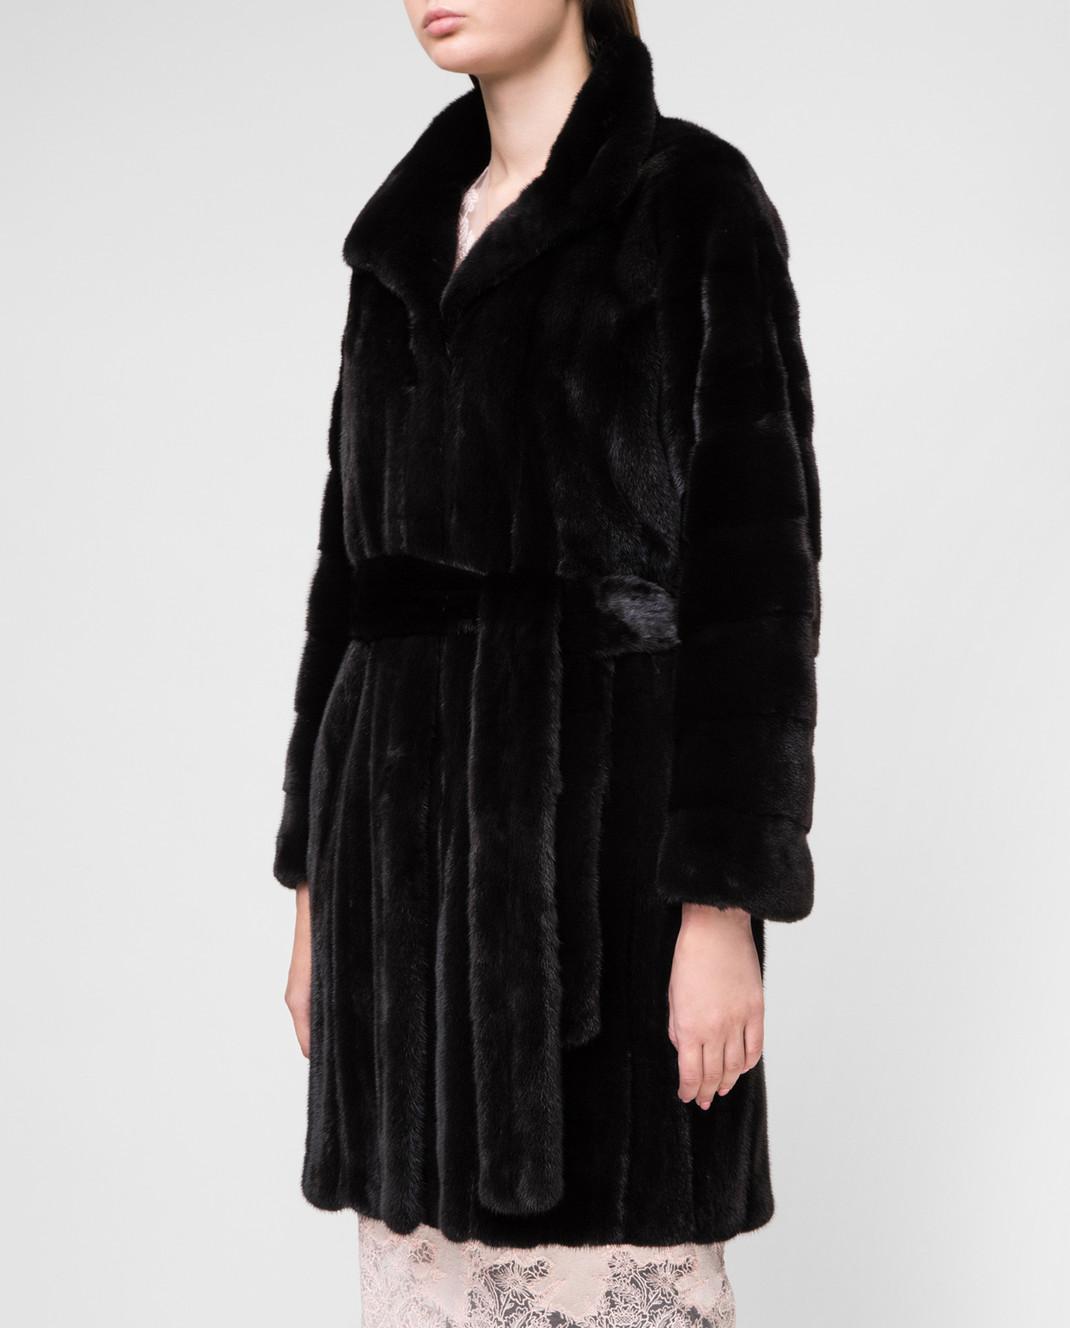 Real Furs House Черное меховое пальто TB5253842 изображение 3